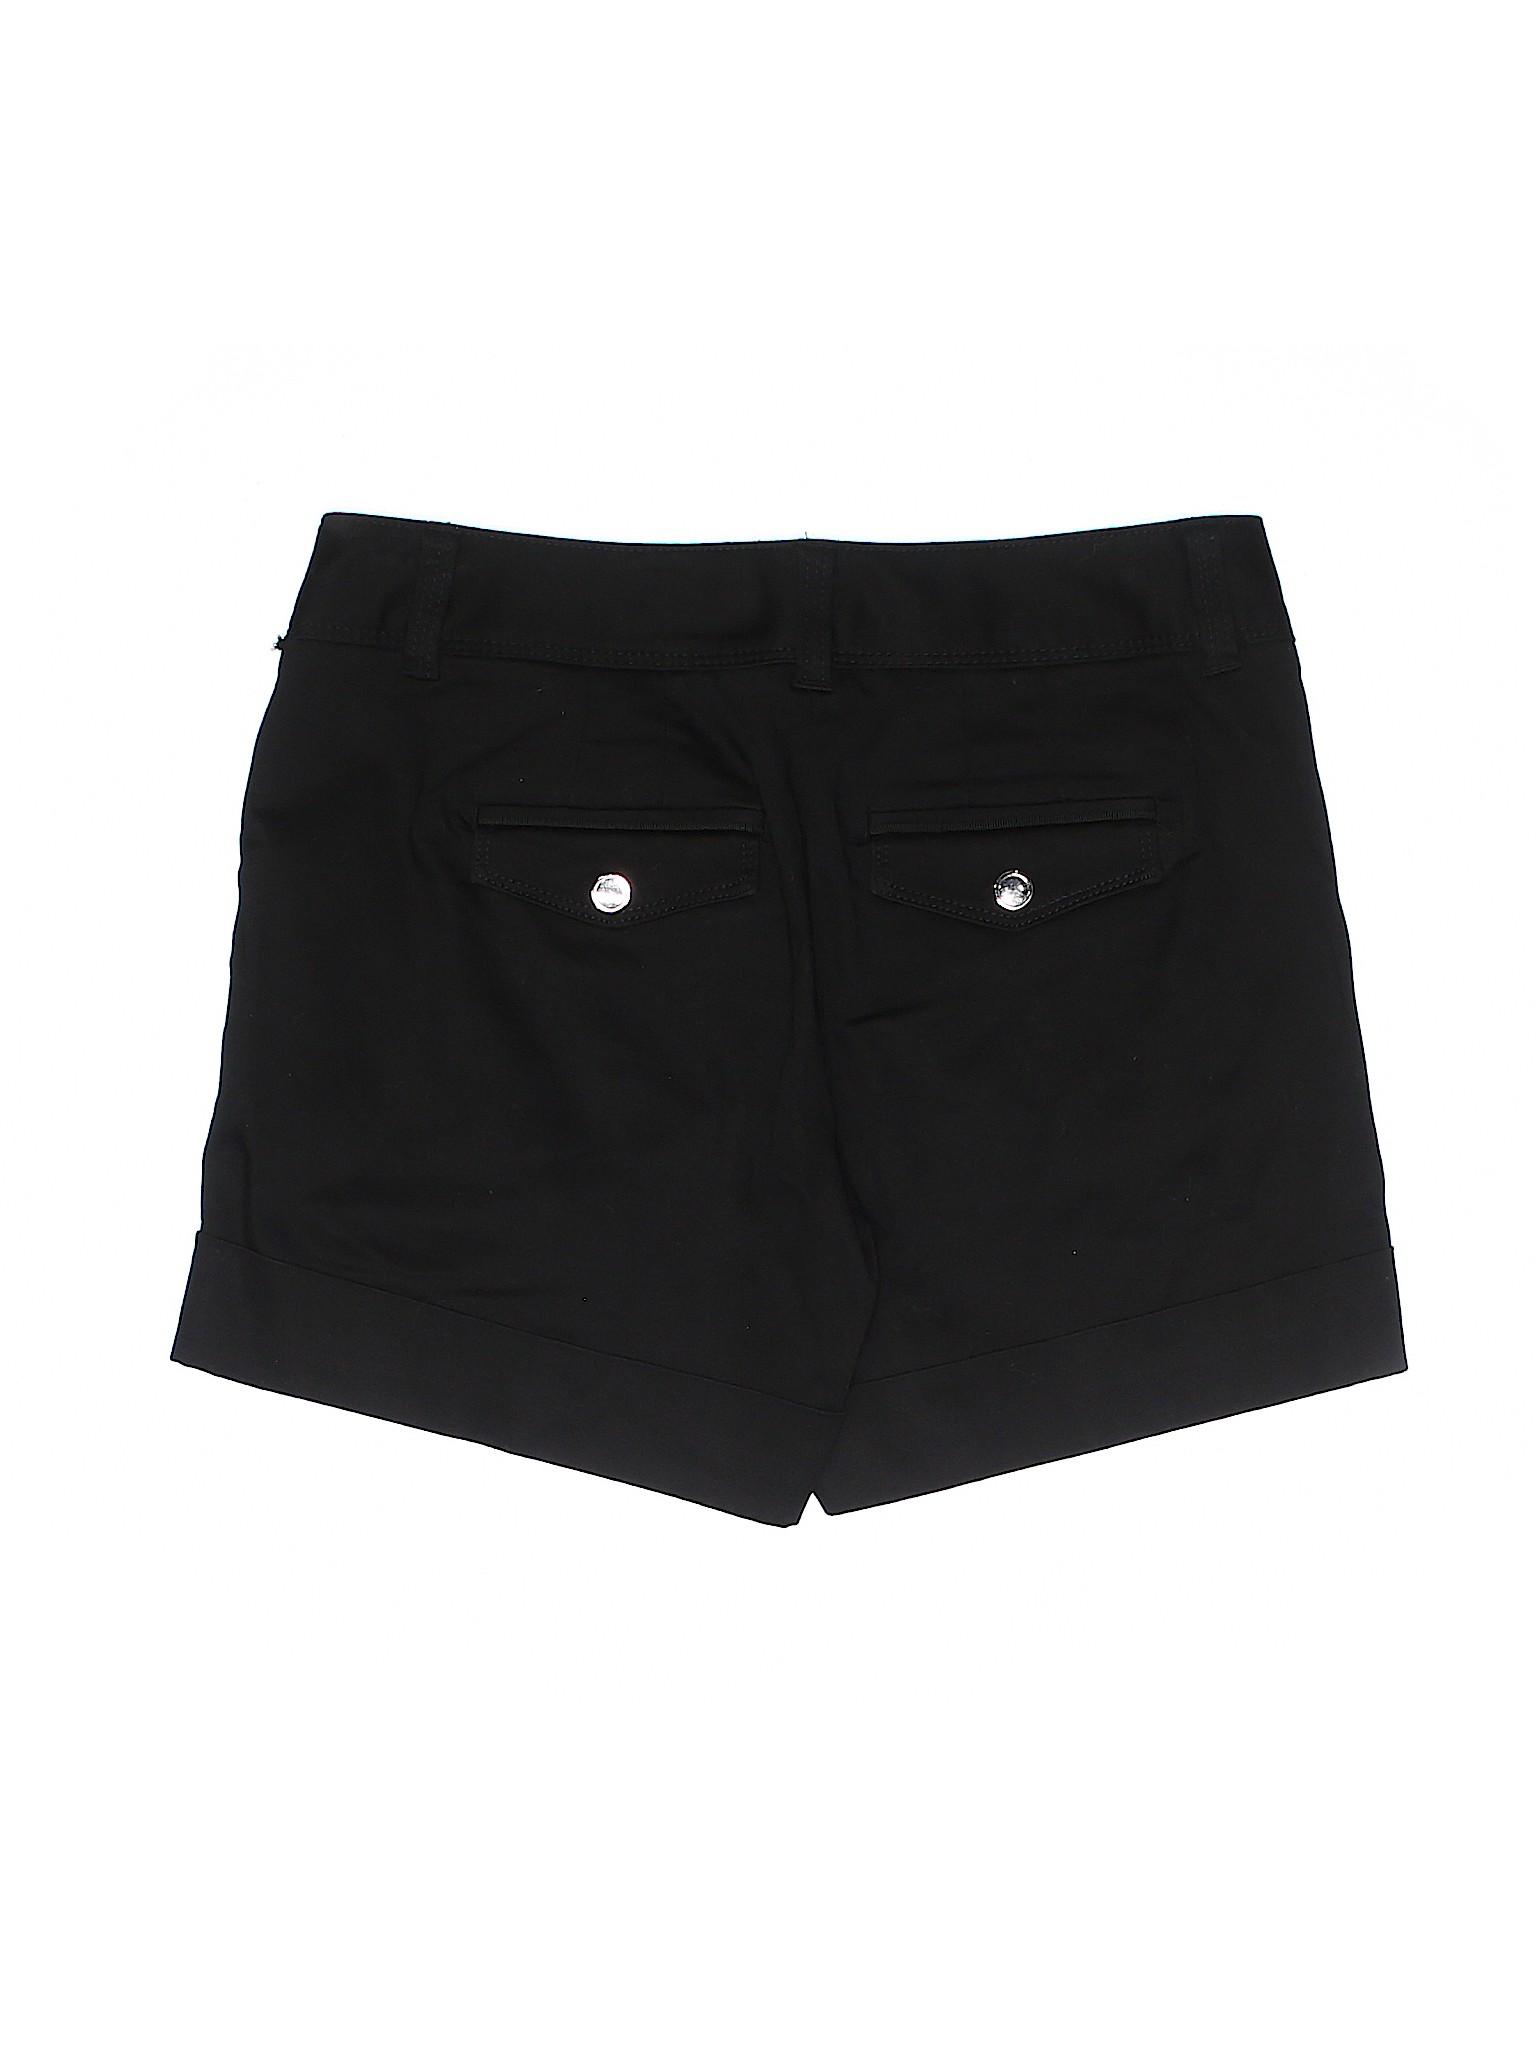 Black Boutique House White Market Shorts wzap17q